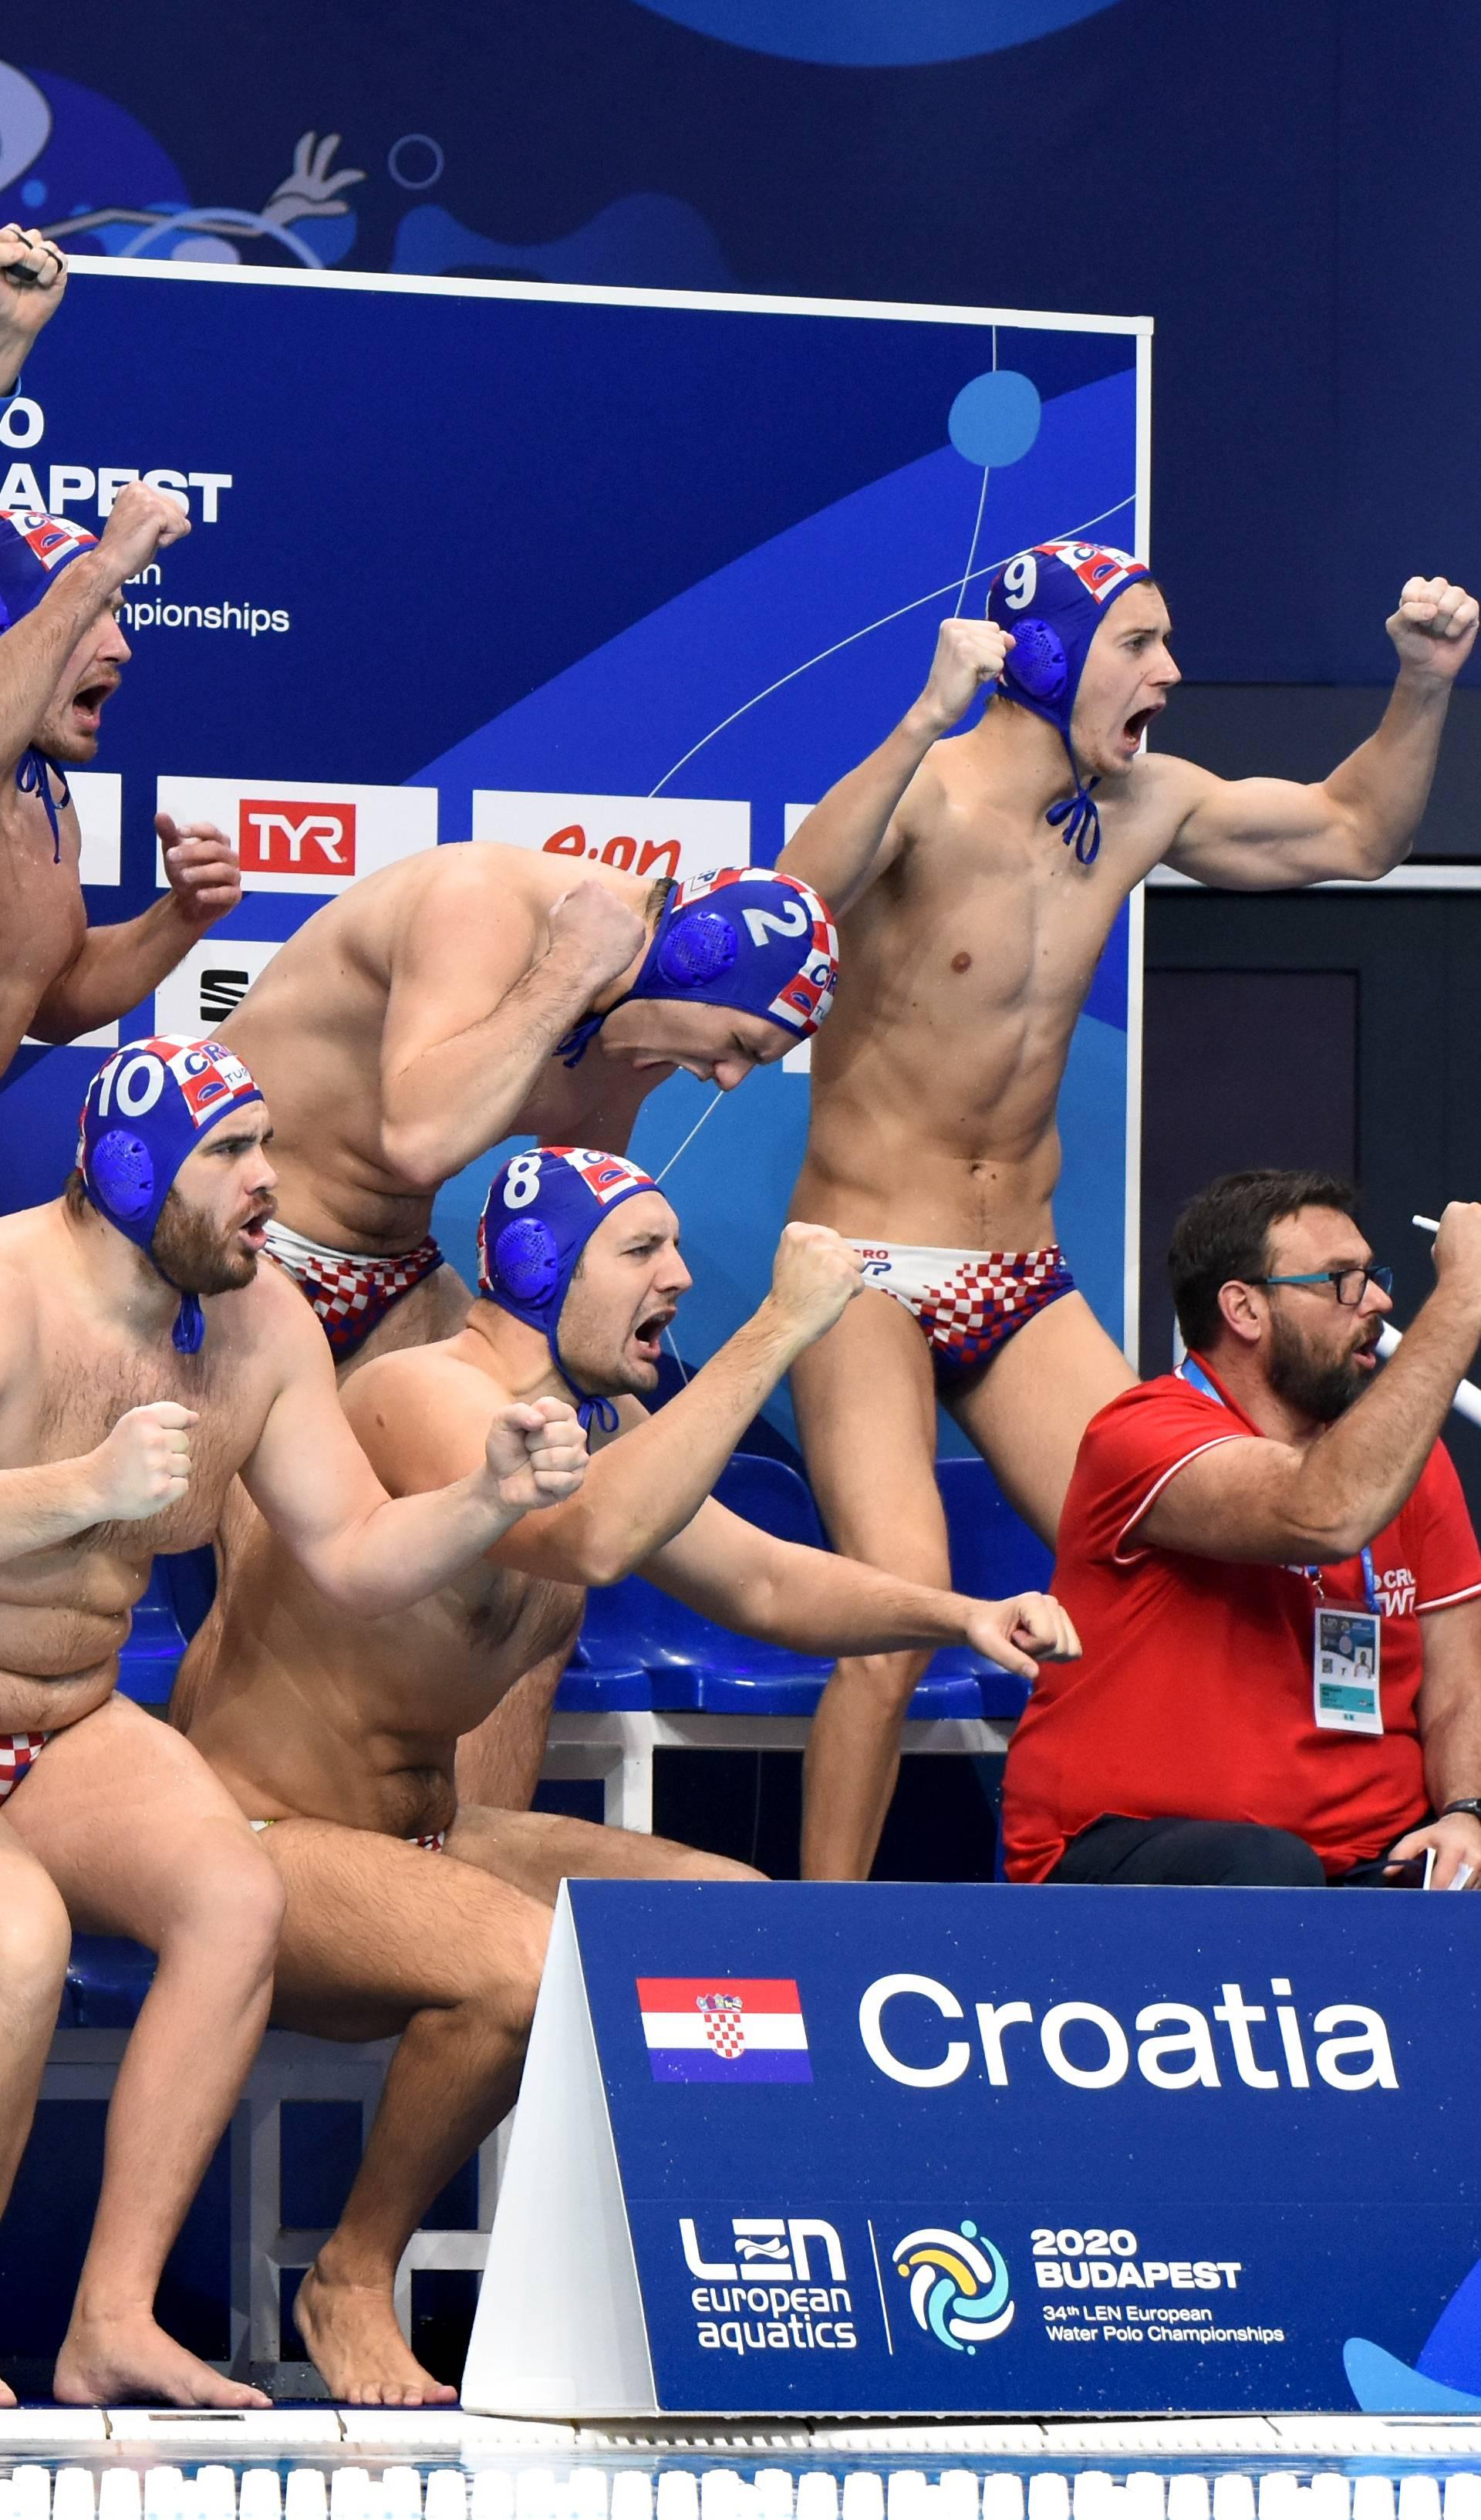 Barakude love Olimpijske igre, Tucak: Nemamo pravo na kiks!